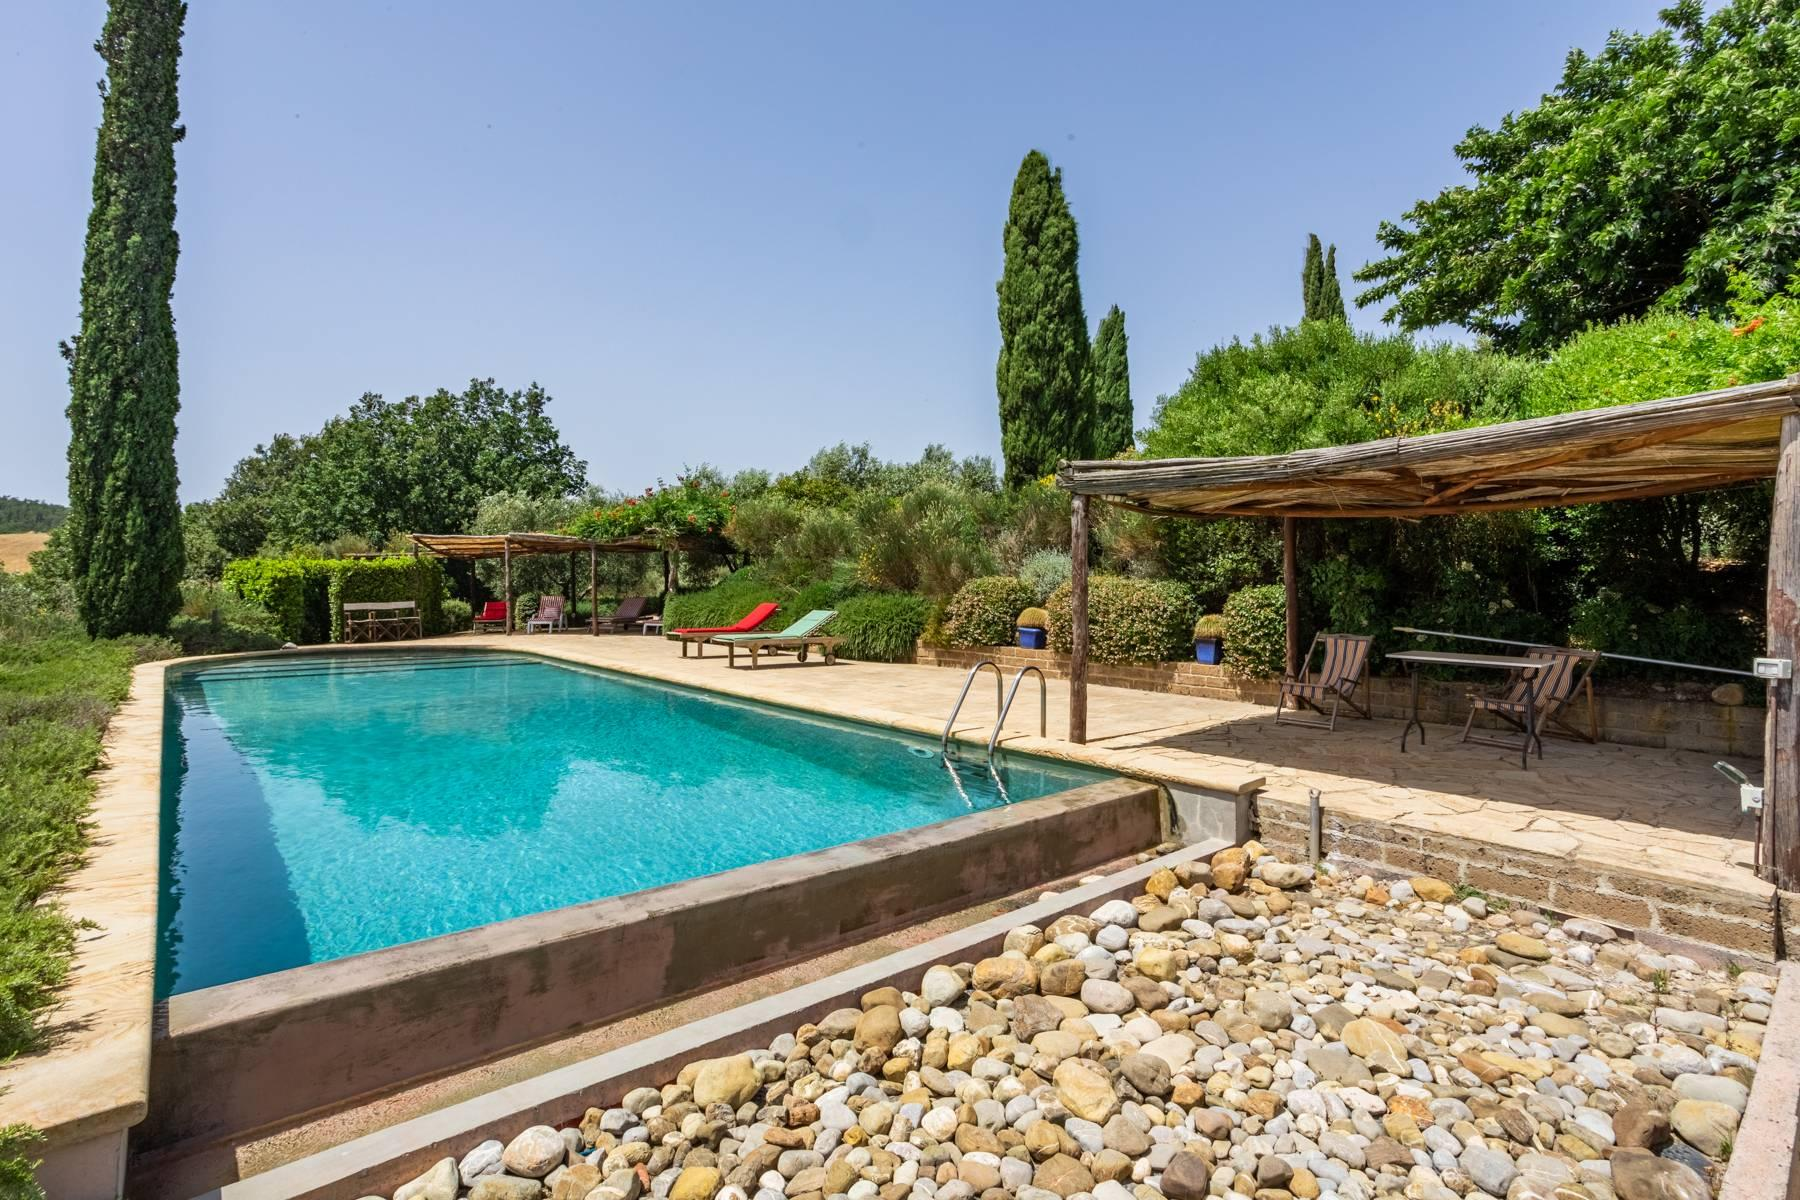 Spendida villa con piscina - 44